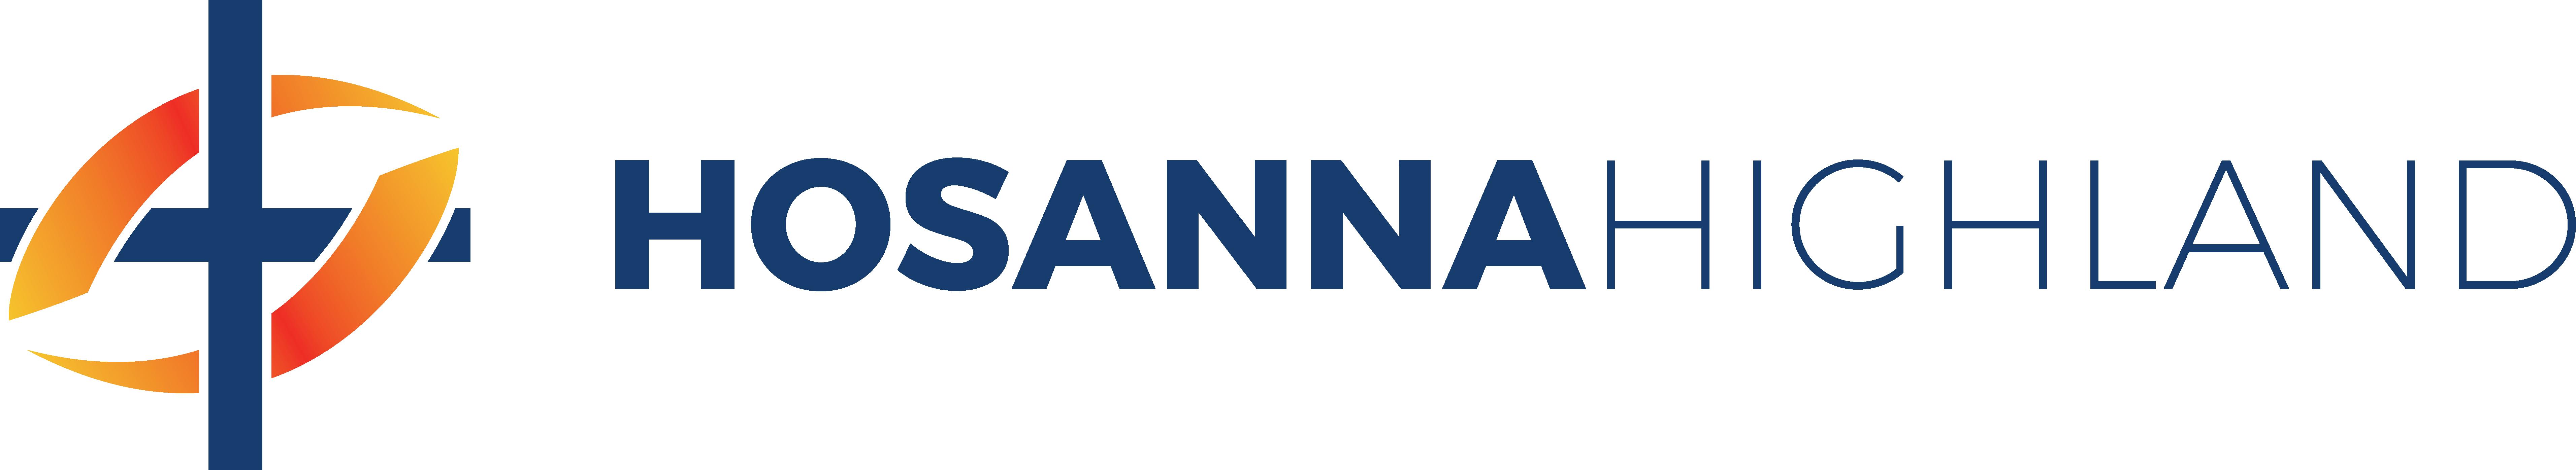 Hosanna Highland